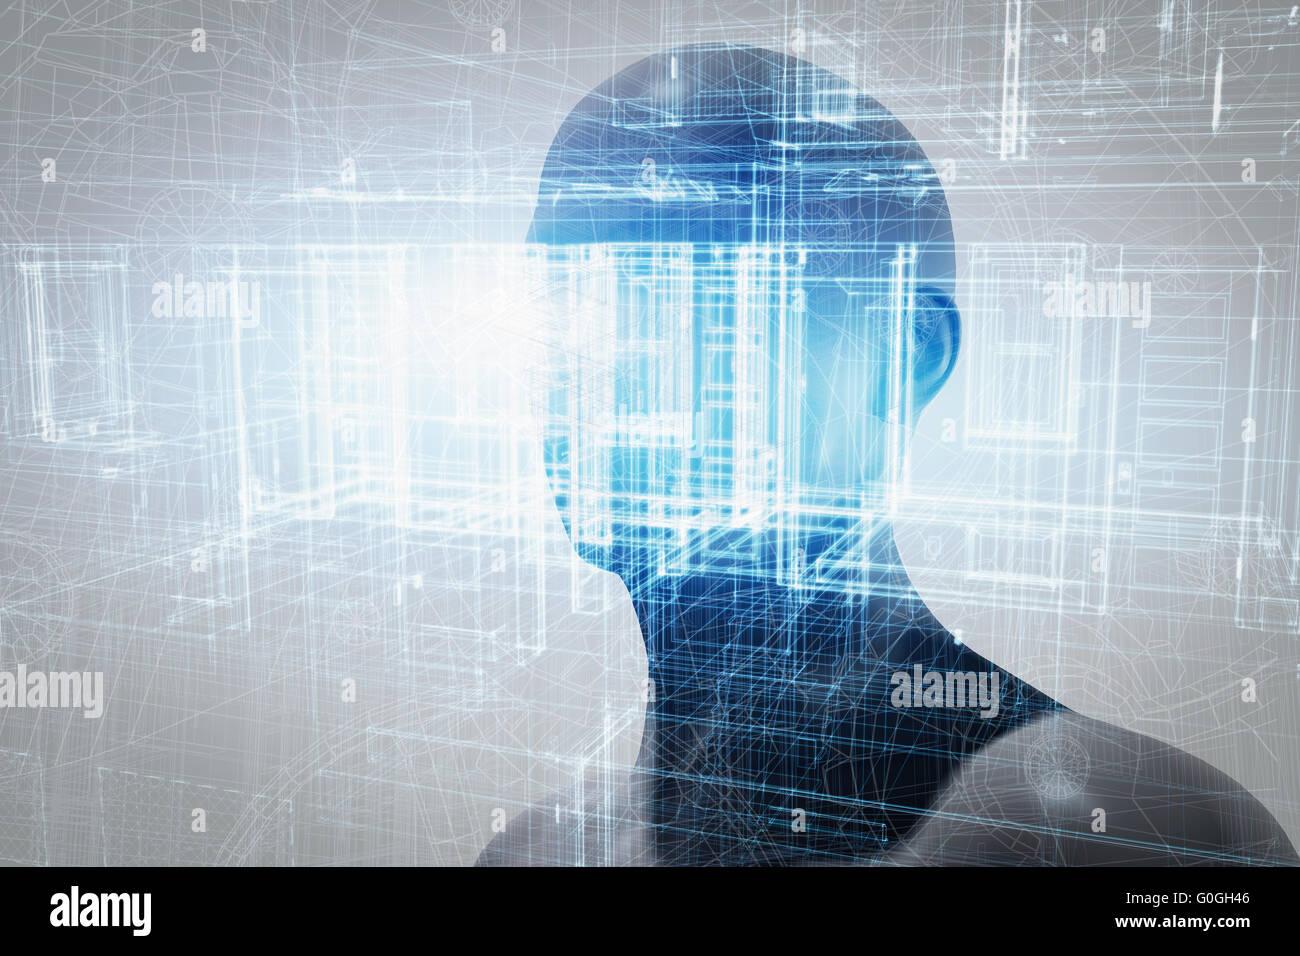 Proyección de realidad virtual. El porvenir de la ciencia con la tecnología moderna, la inteligencia artificial Foto de stock